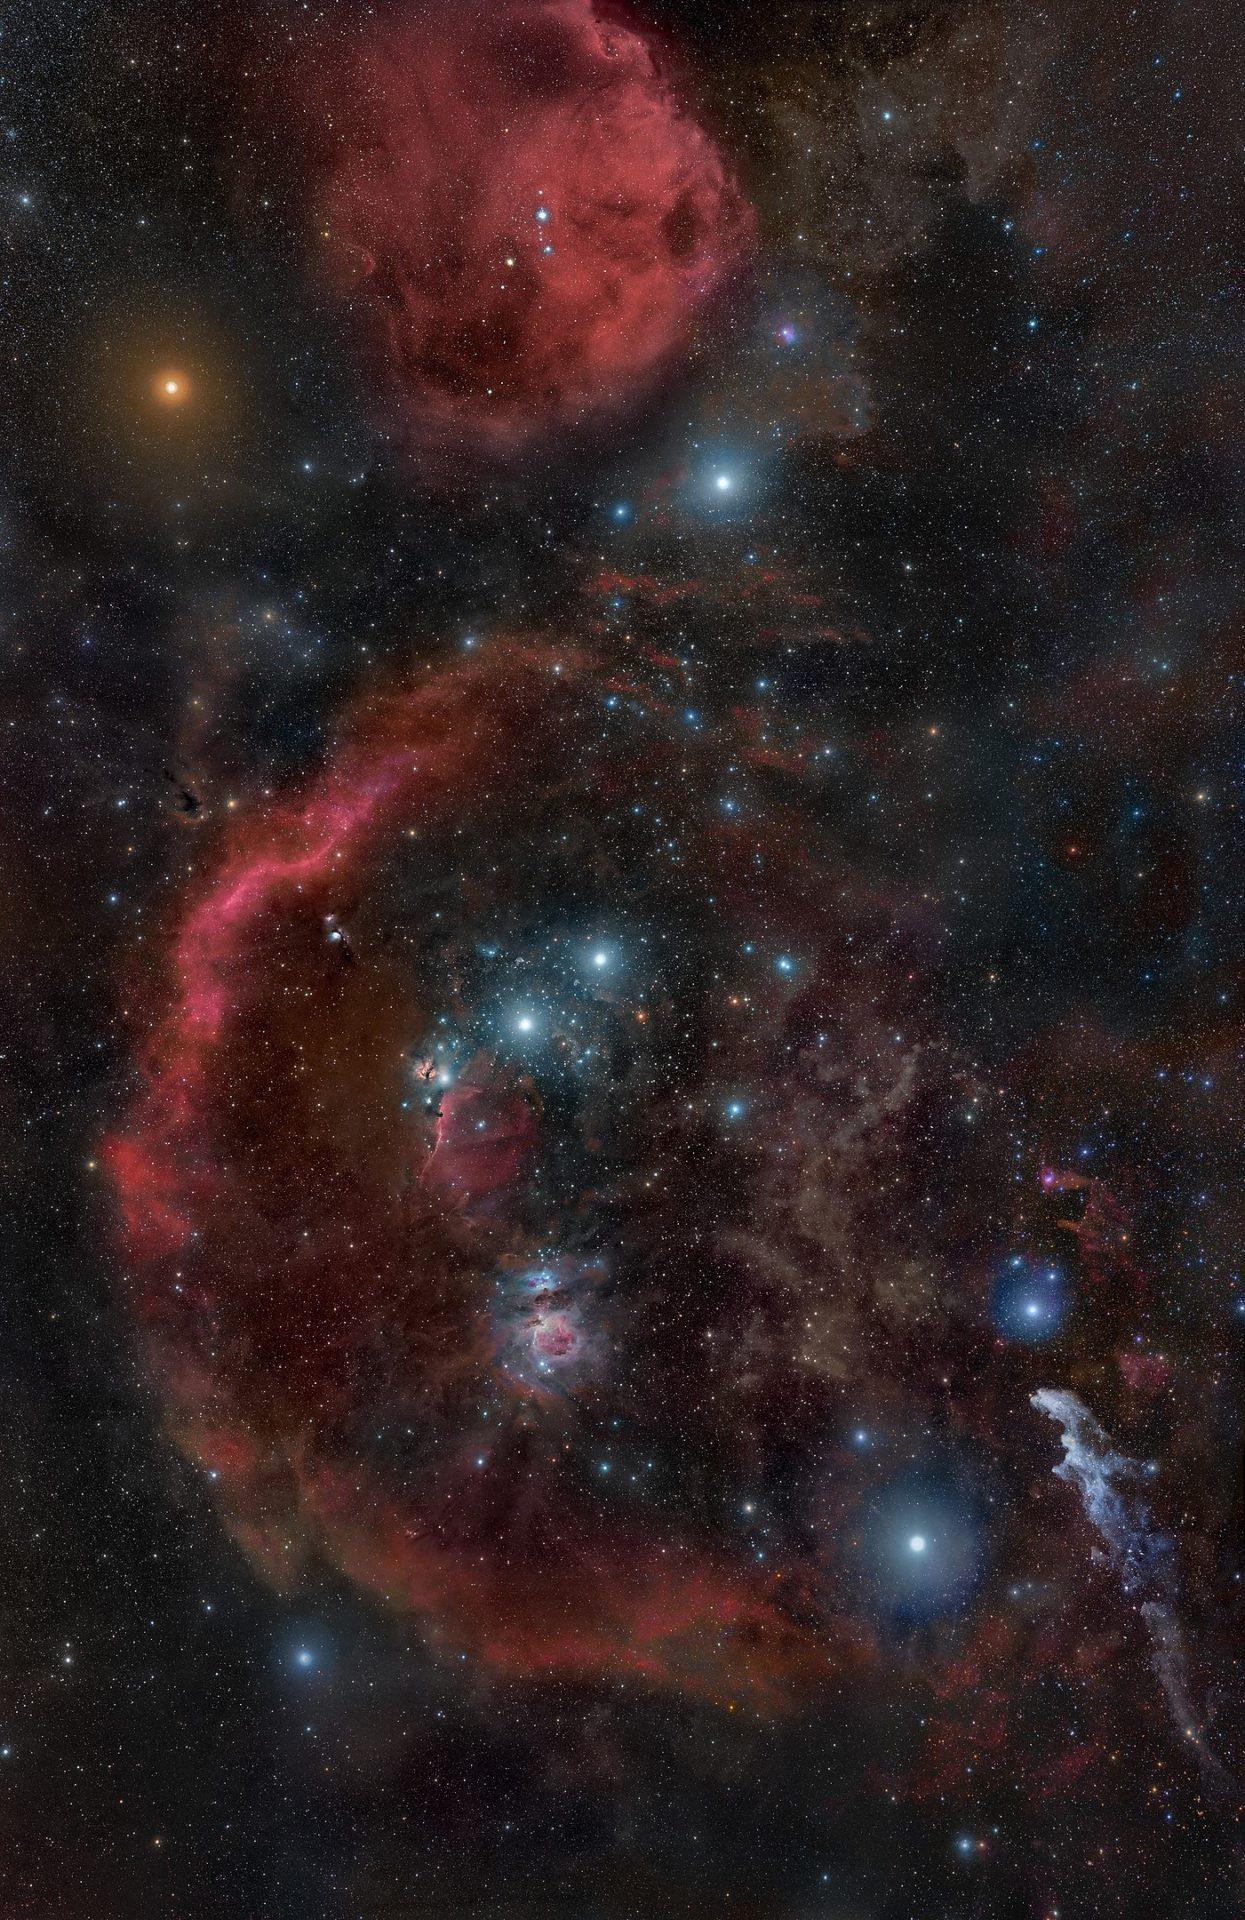 La costellazione di Orione: Betelgeuse è la stella arancio-rossastra in alto a sinistra [R. Bernal Andreo]